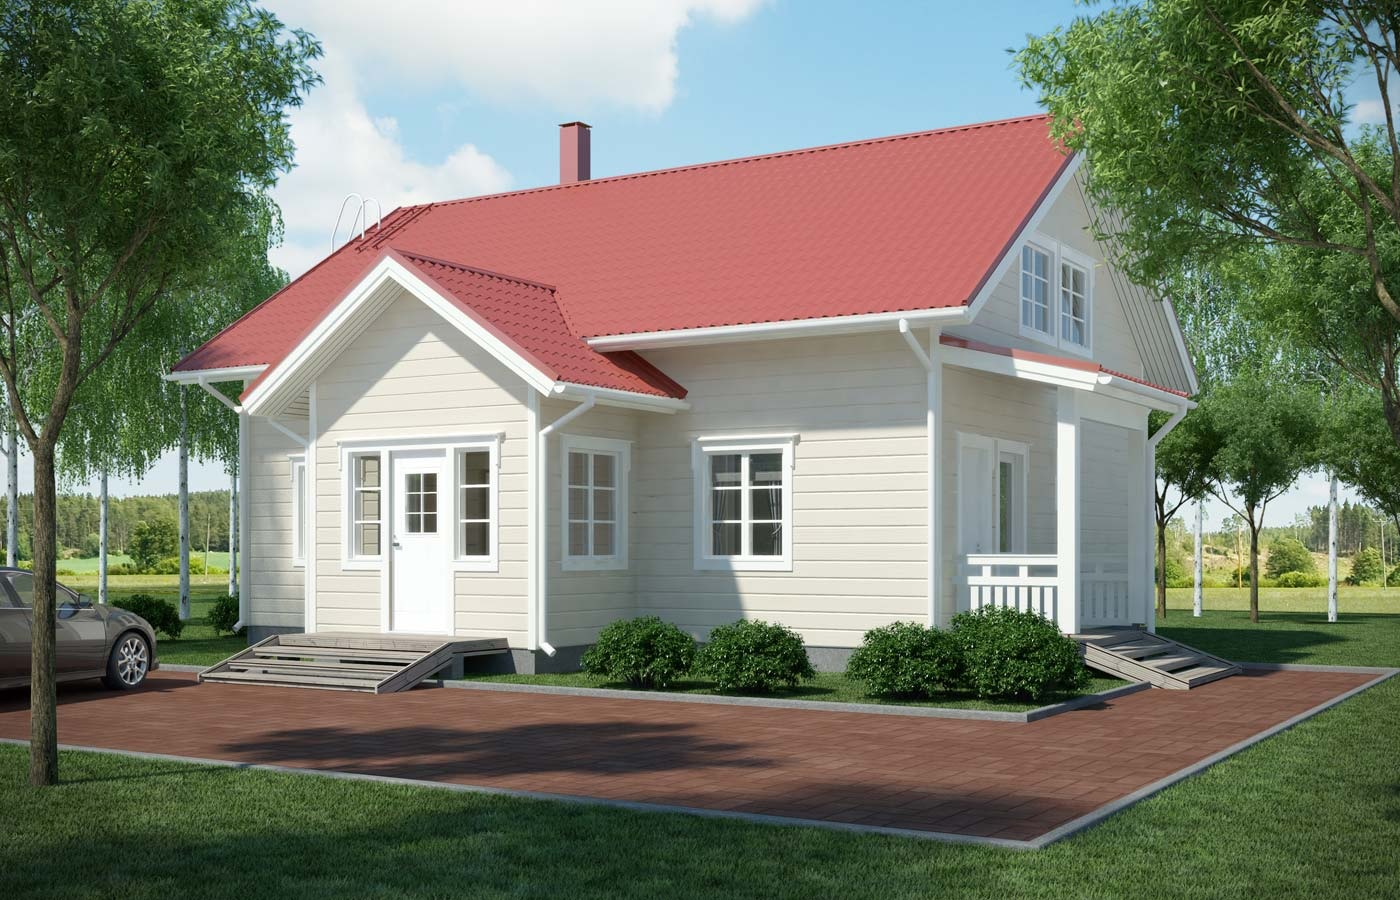 маленький дом из дерева с красной крышей